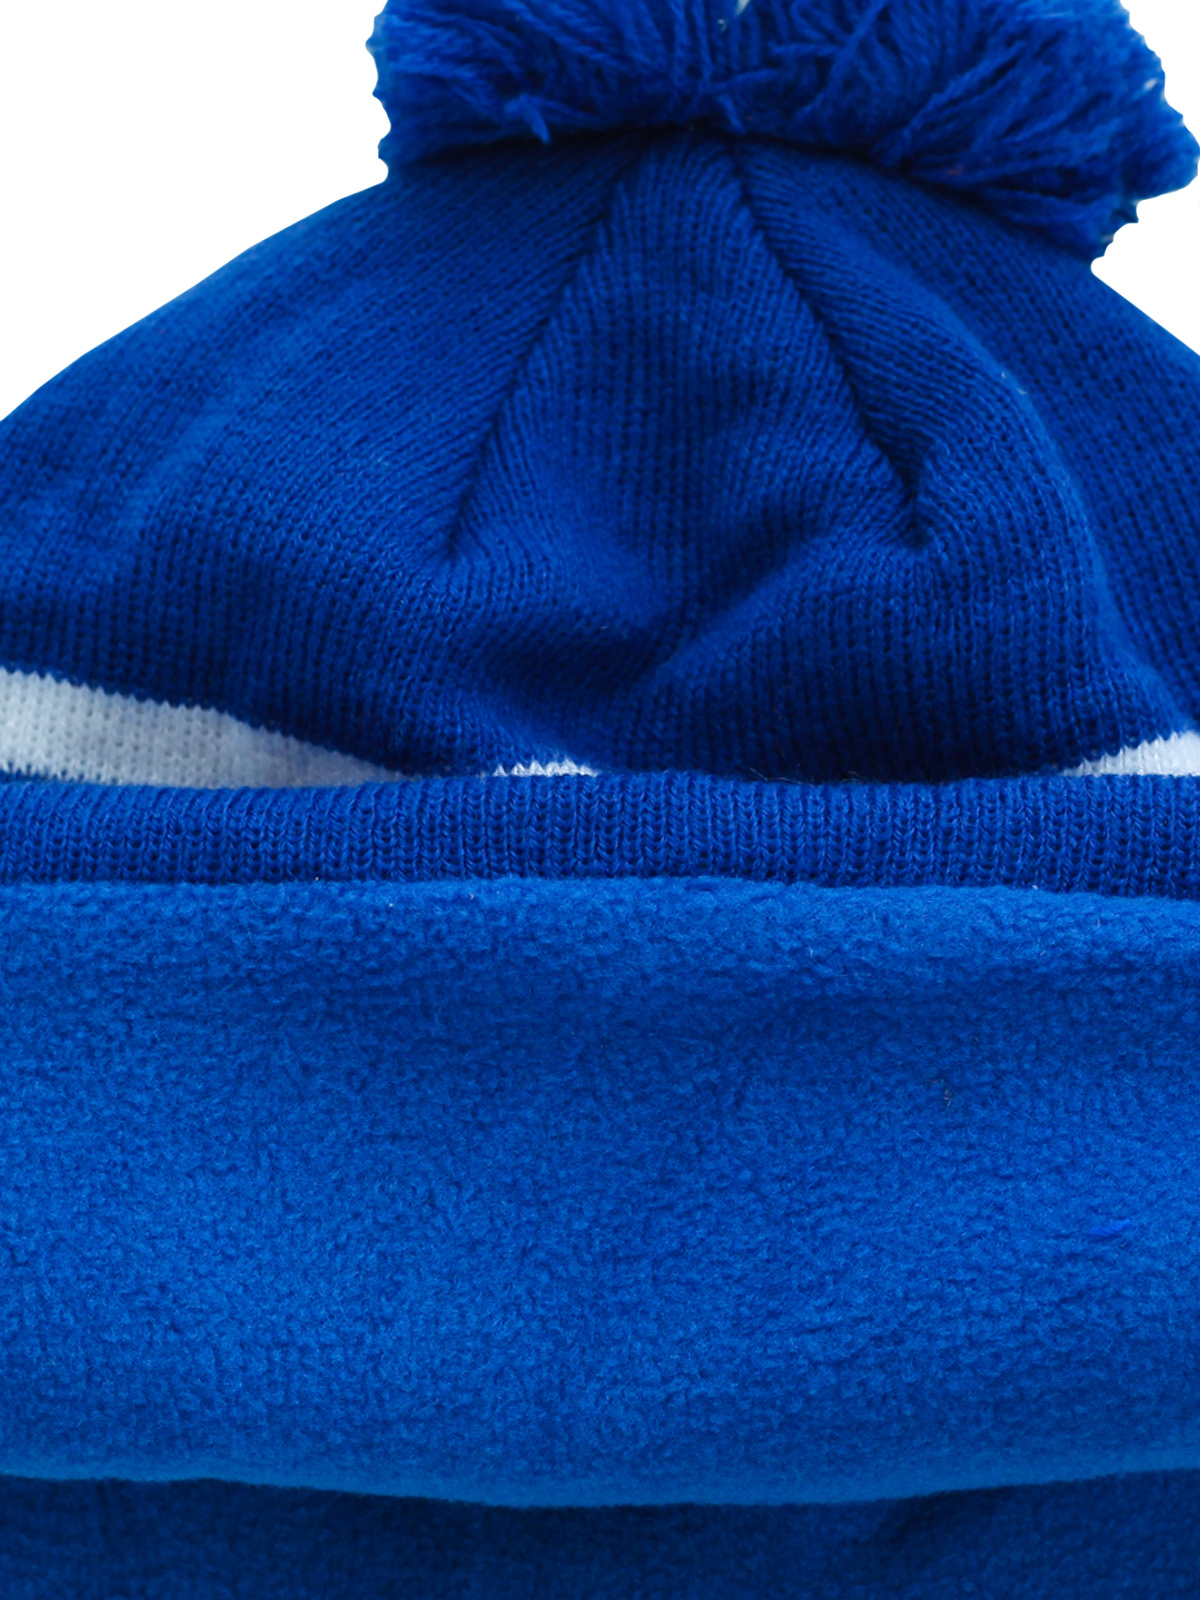 Купить шапку мужскую молодежную топовая модель с бубоном по специальной цене